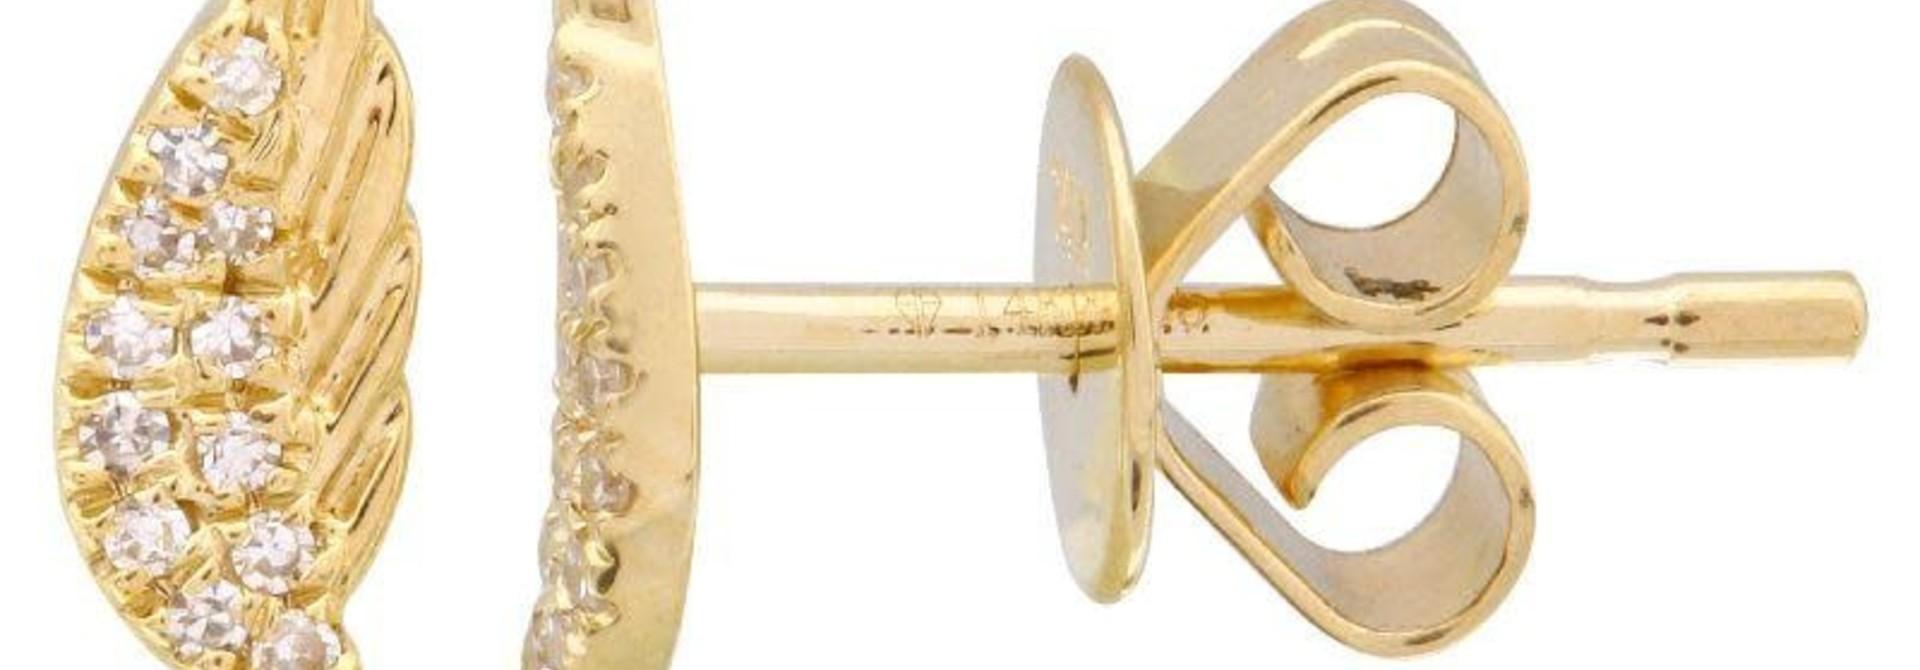 MMJ 14KT YELLOW GOLD DIAMOND WING EARRINGS